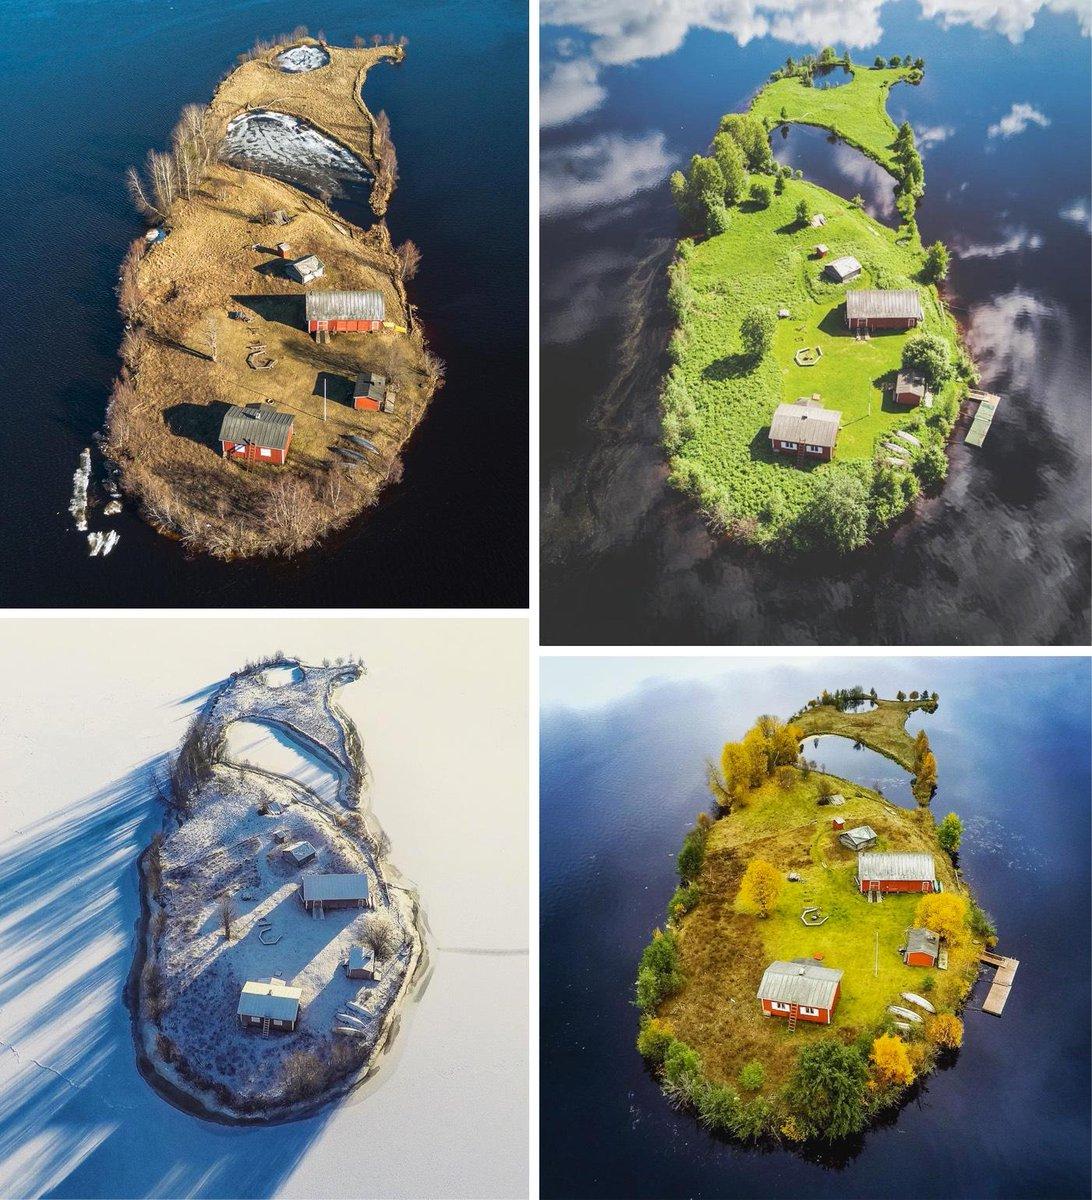 フィンランドの小さな島の四季の写真。なんか目が離せない。